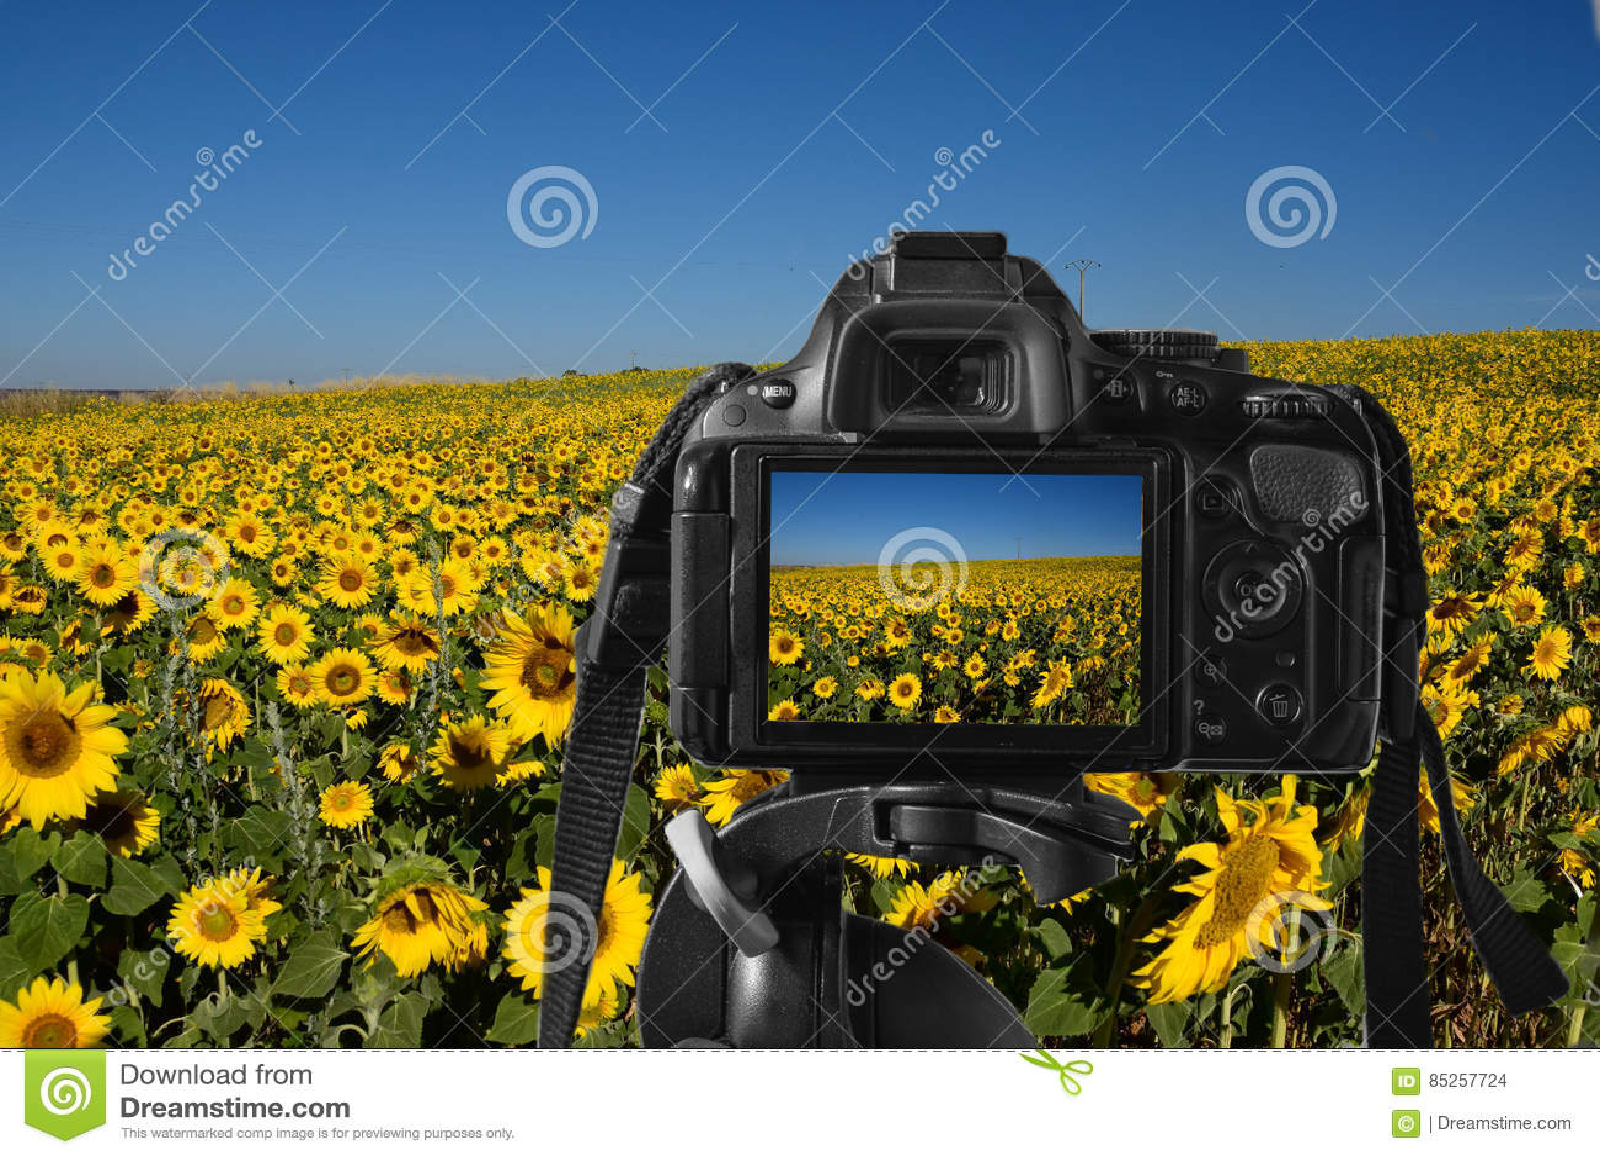 Nahaufnahme einer Digitalkamera mit einem bunten stellen sich auf der Live-ansicht vor